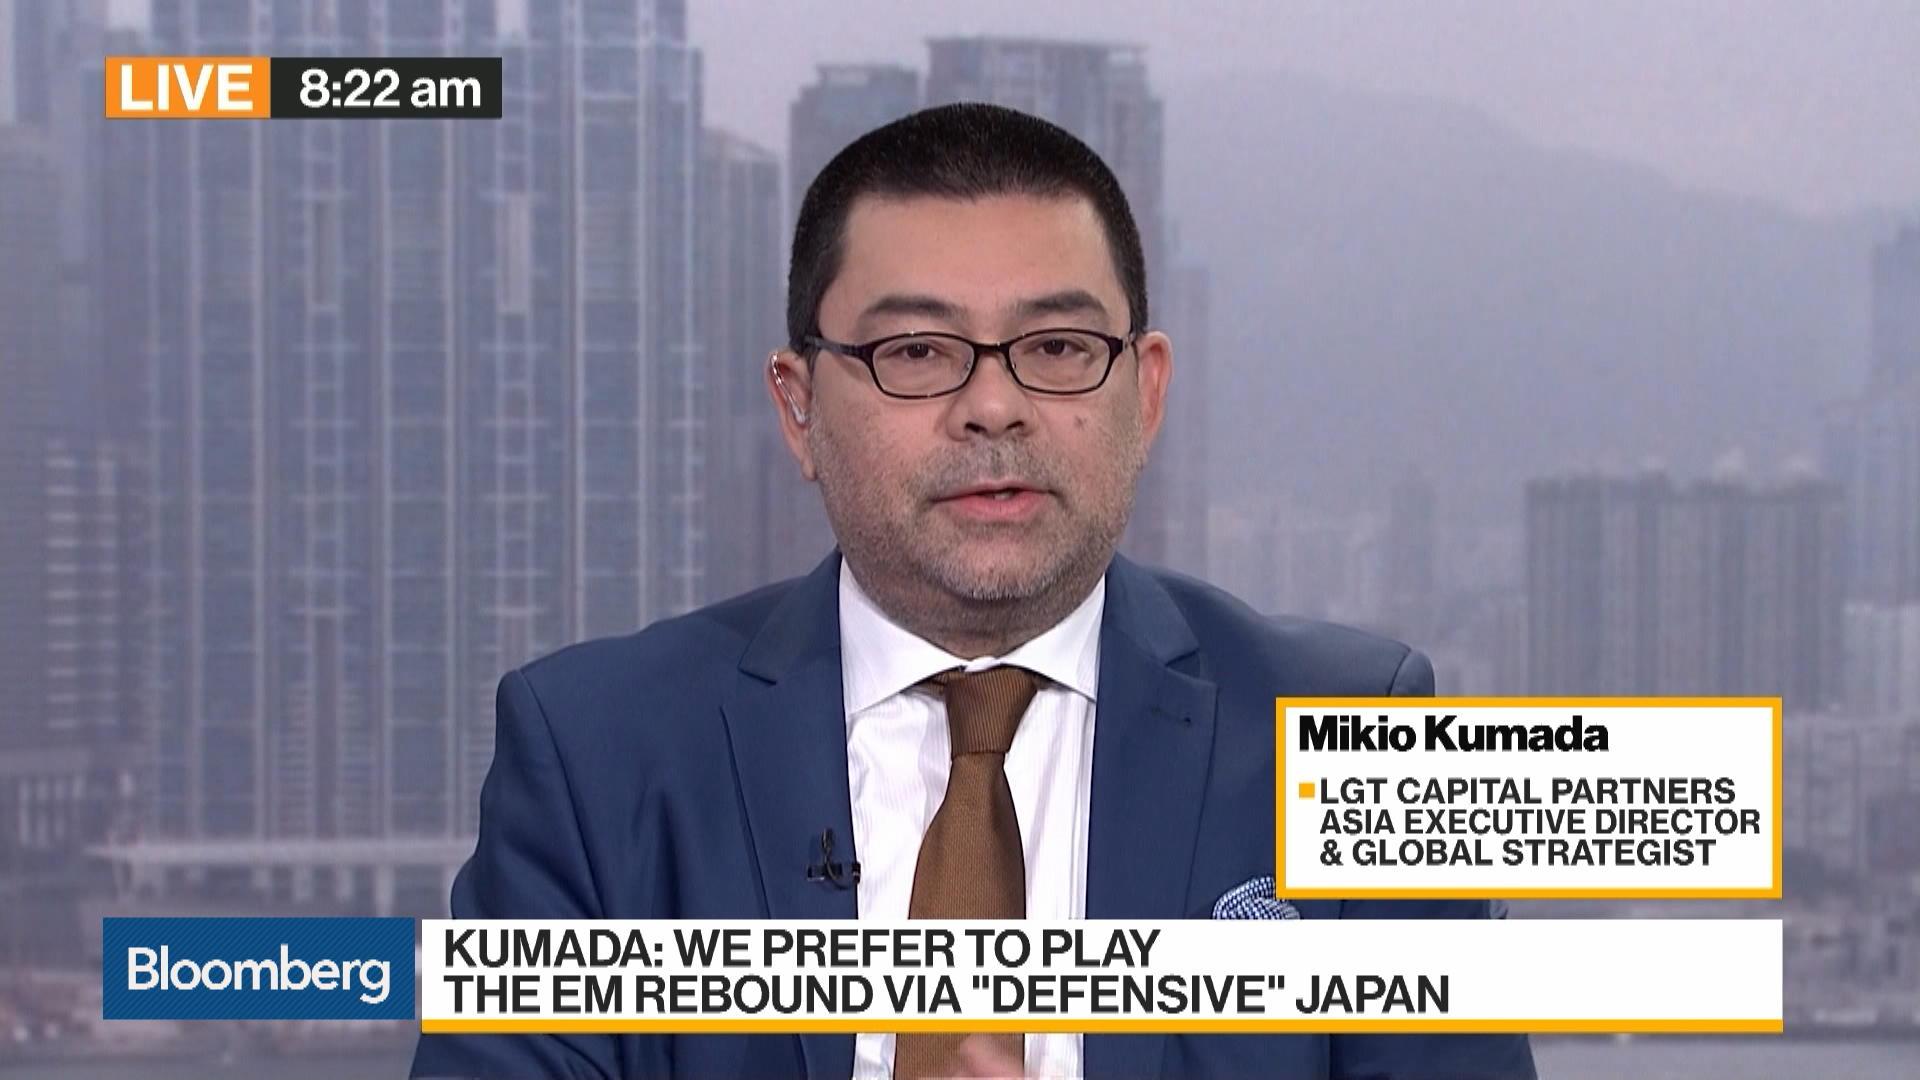 Mikio Kumada, strategist at LGT Capital Partners, on Markets, BOJ